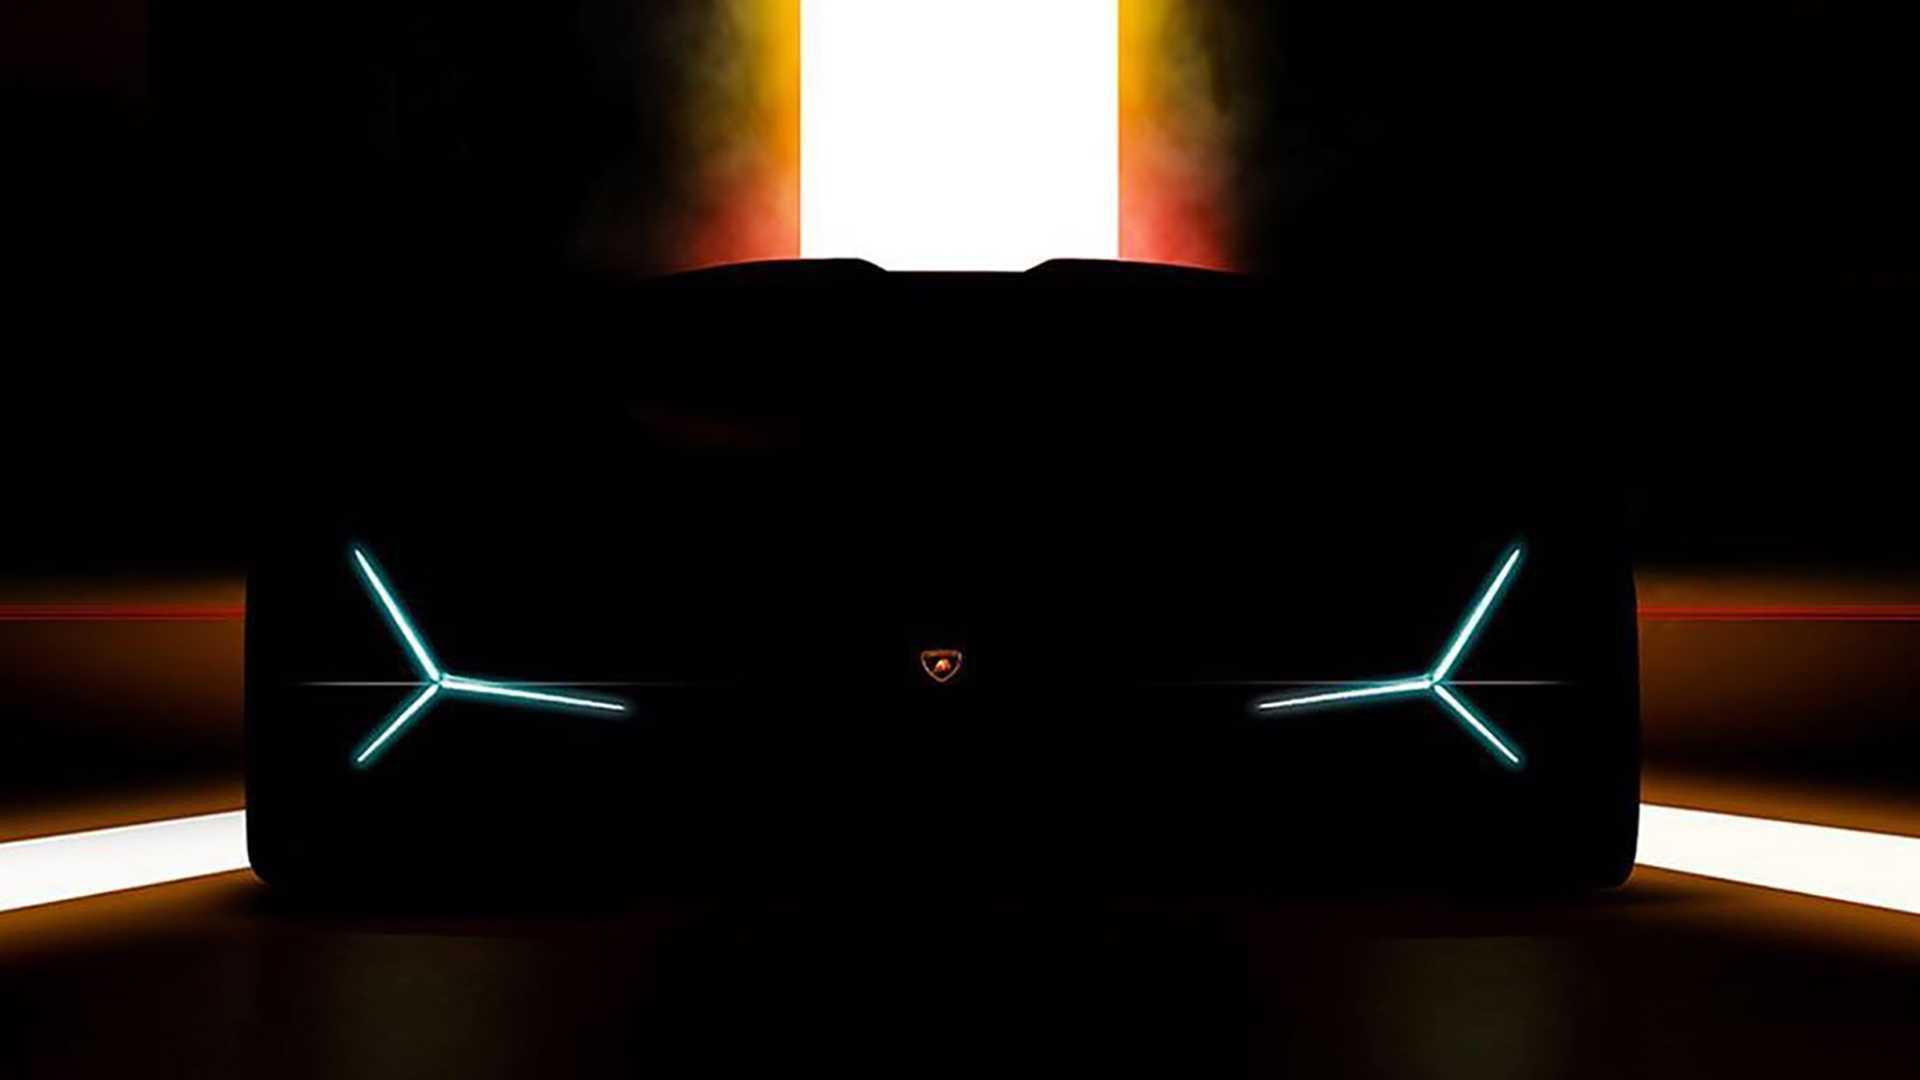 Lamborghini drops mysterious teaser ahead of Frankfurt Motor Show